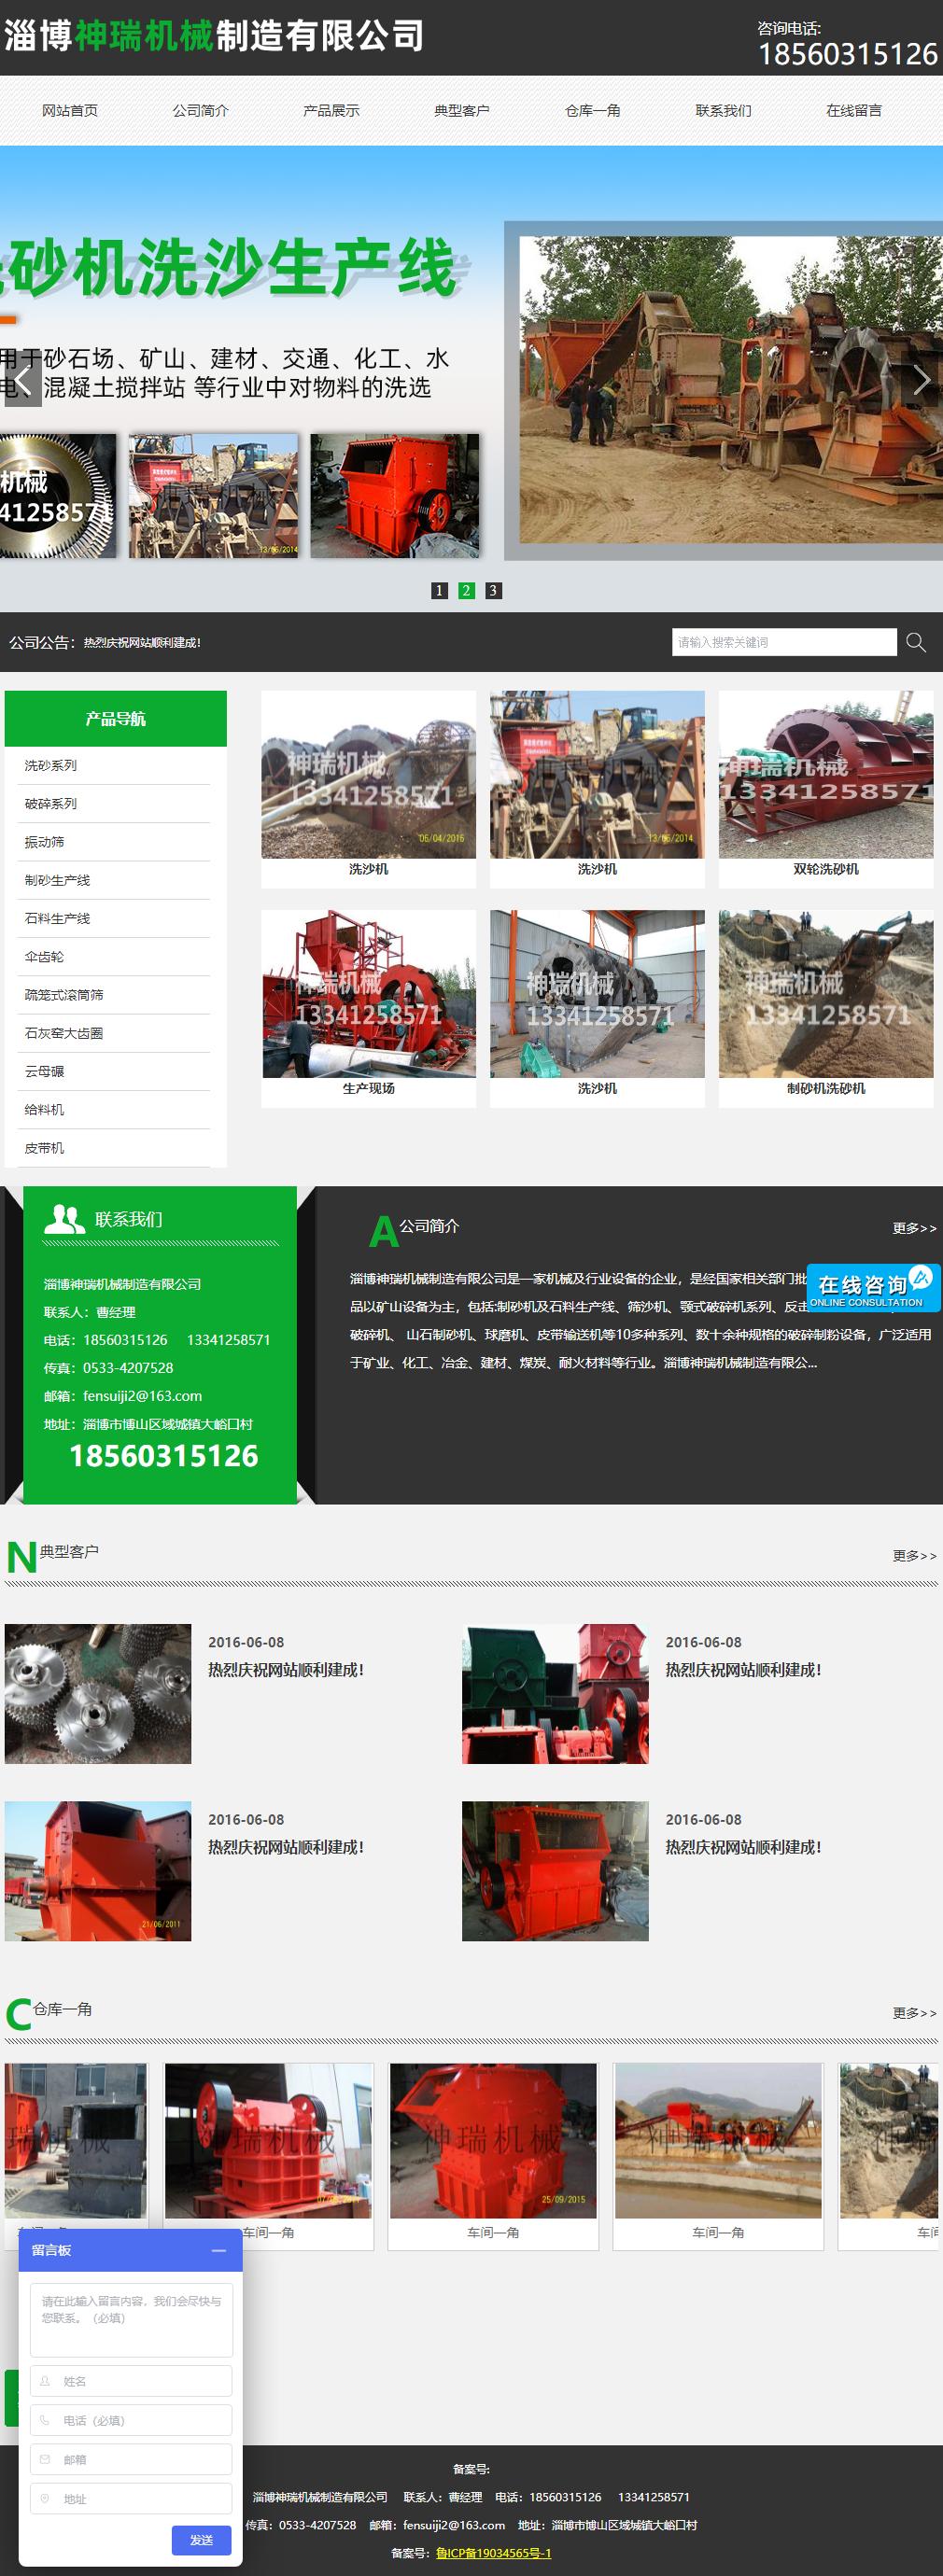 淄博神瑞机械制造有限公司网站案例